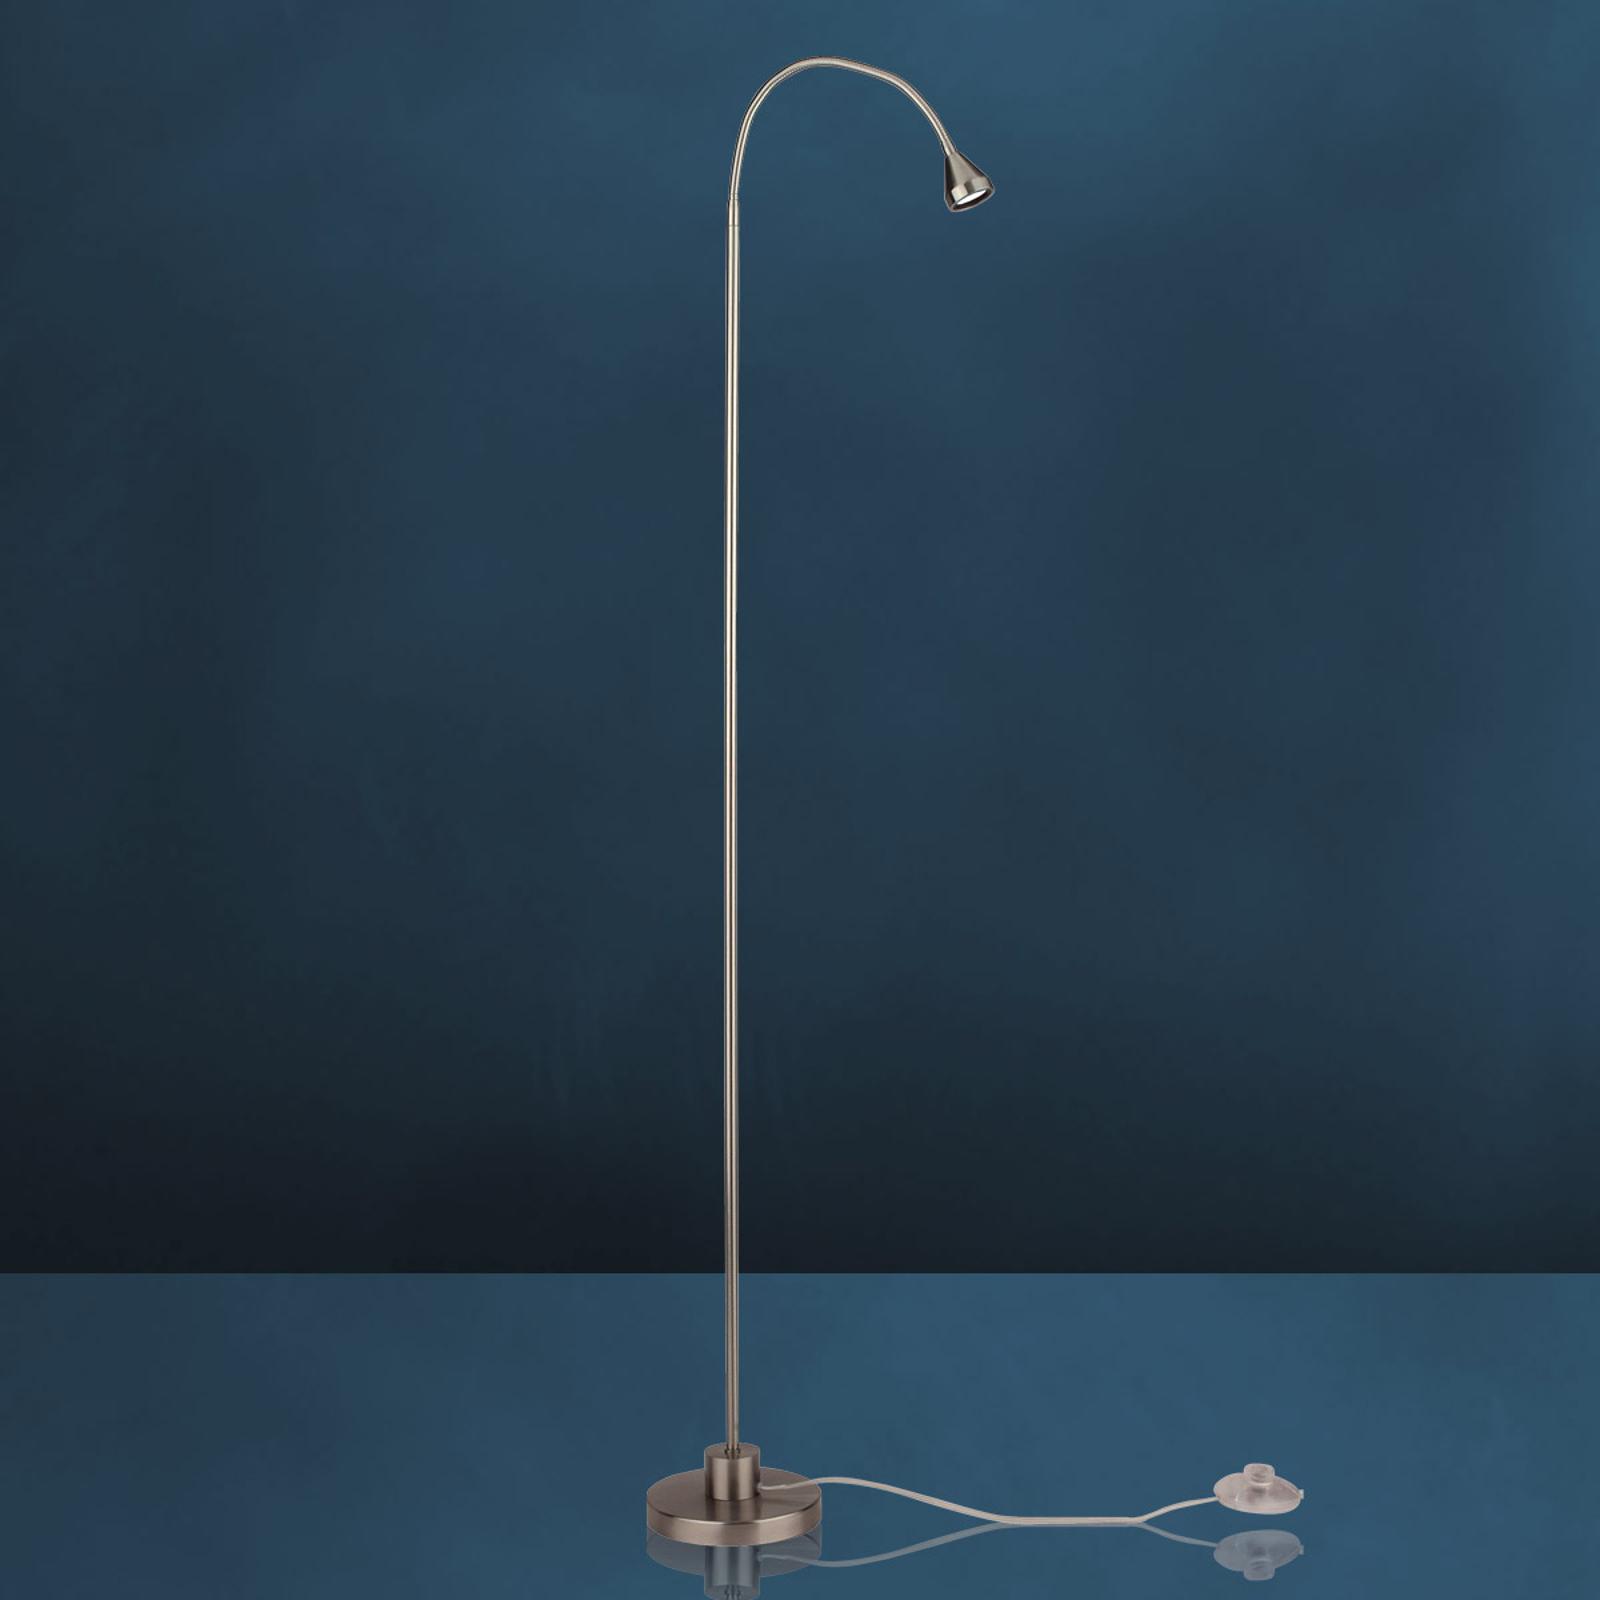 Lampa stojąca LED MINI biel uniwersalna biel